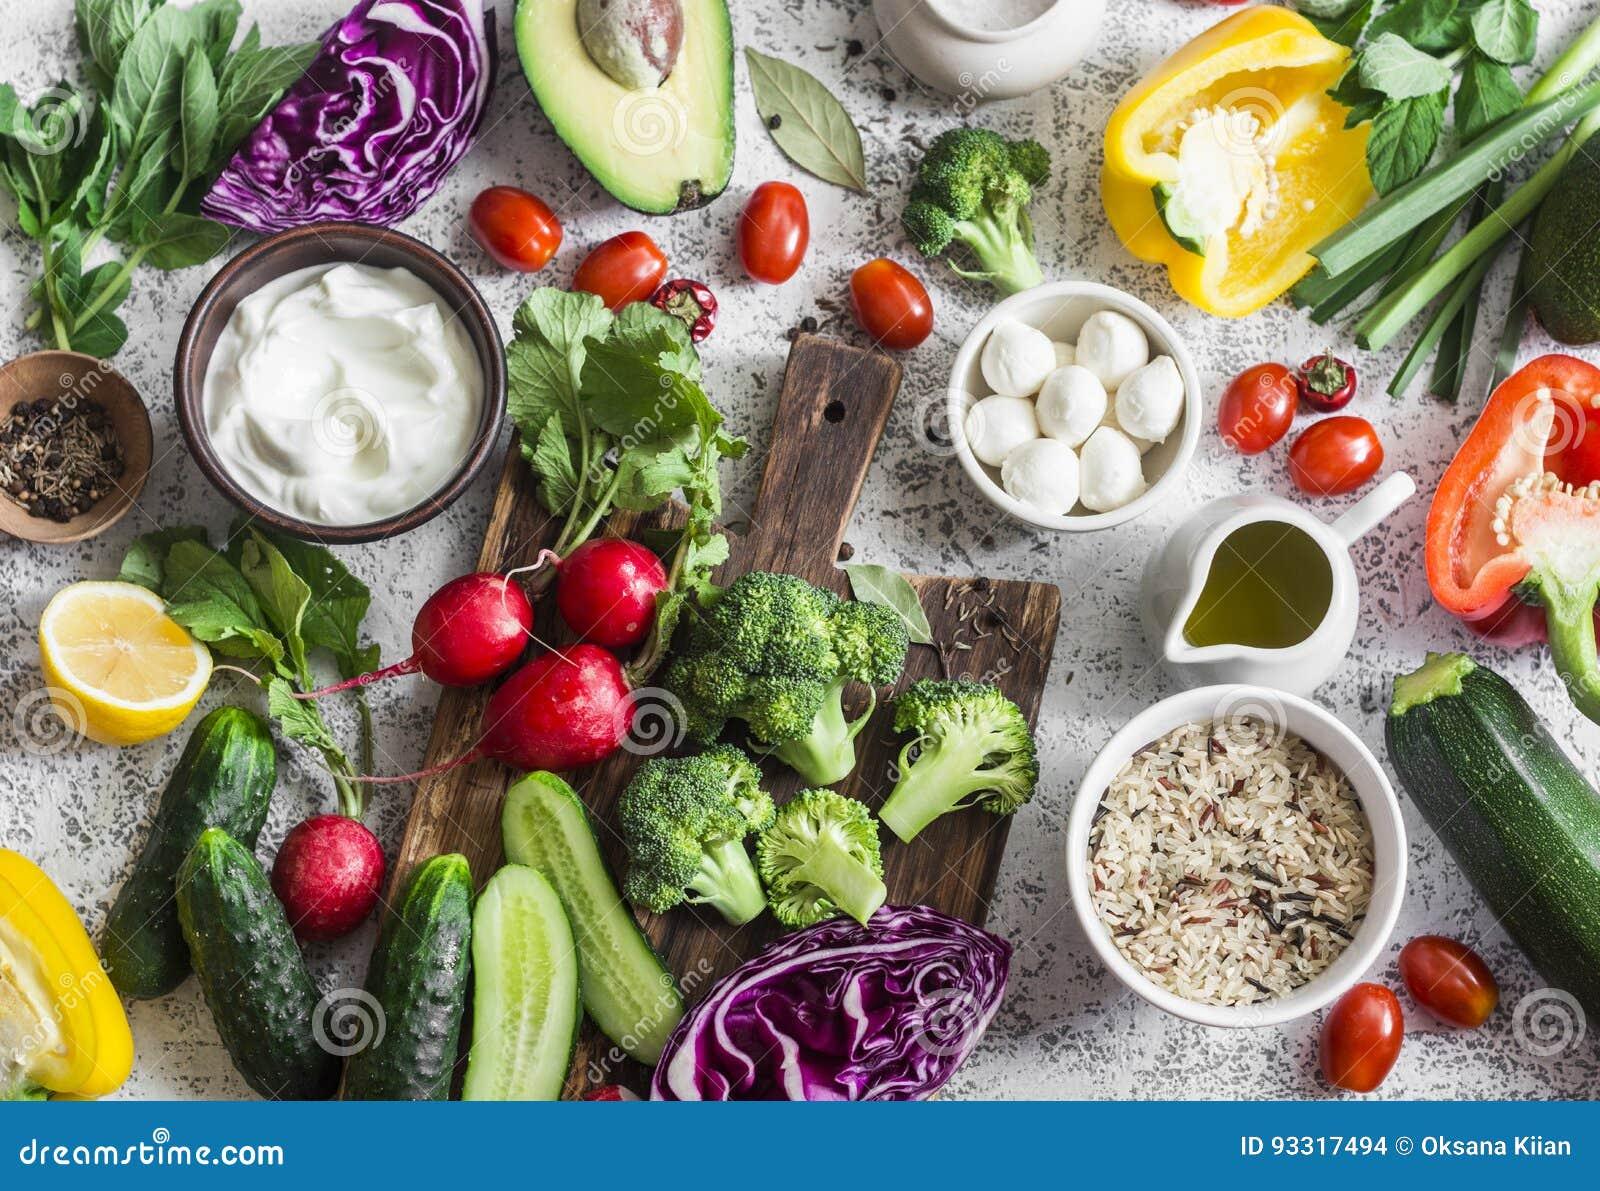 Fundo equilibrado do alimento da dieta saudável em um estilo mediterrâneo Legumes frescos, arroz selvagem, iogurte fresco e queij